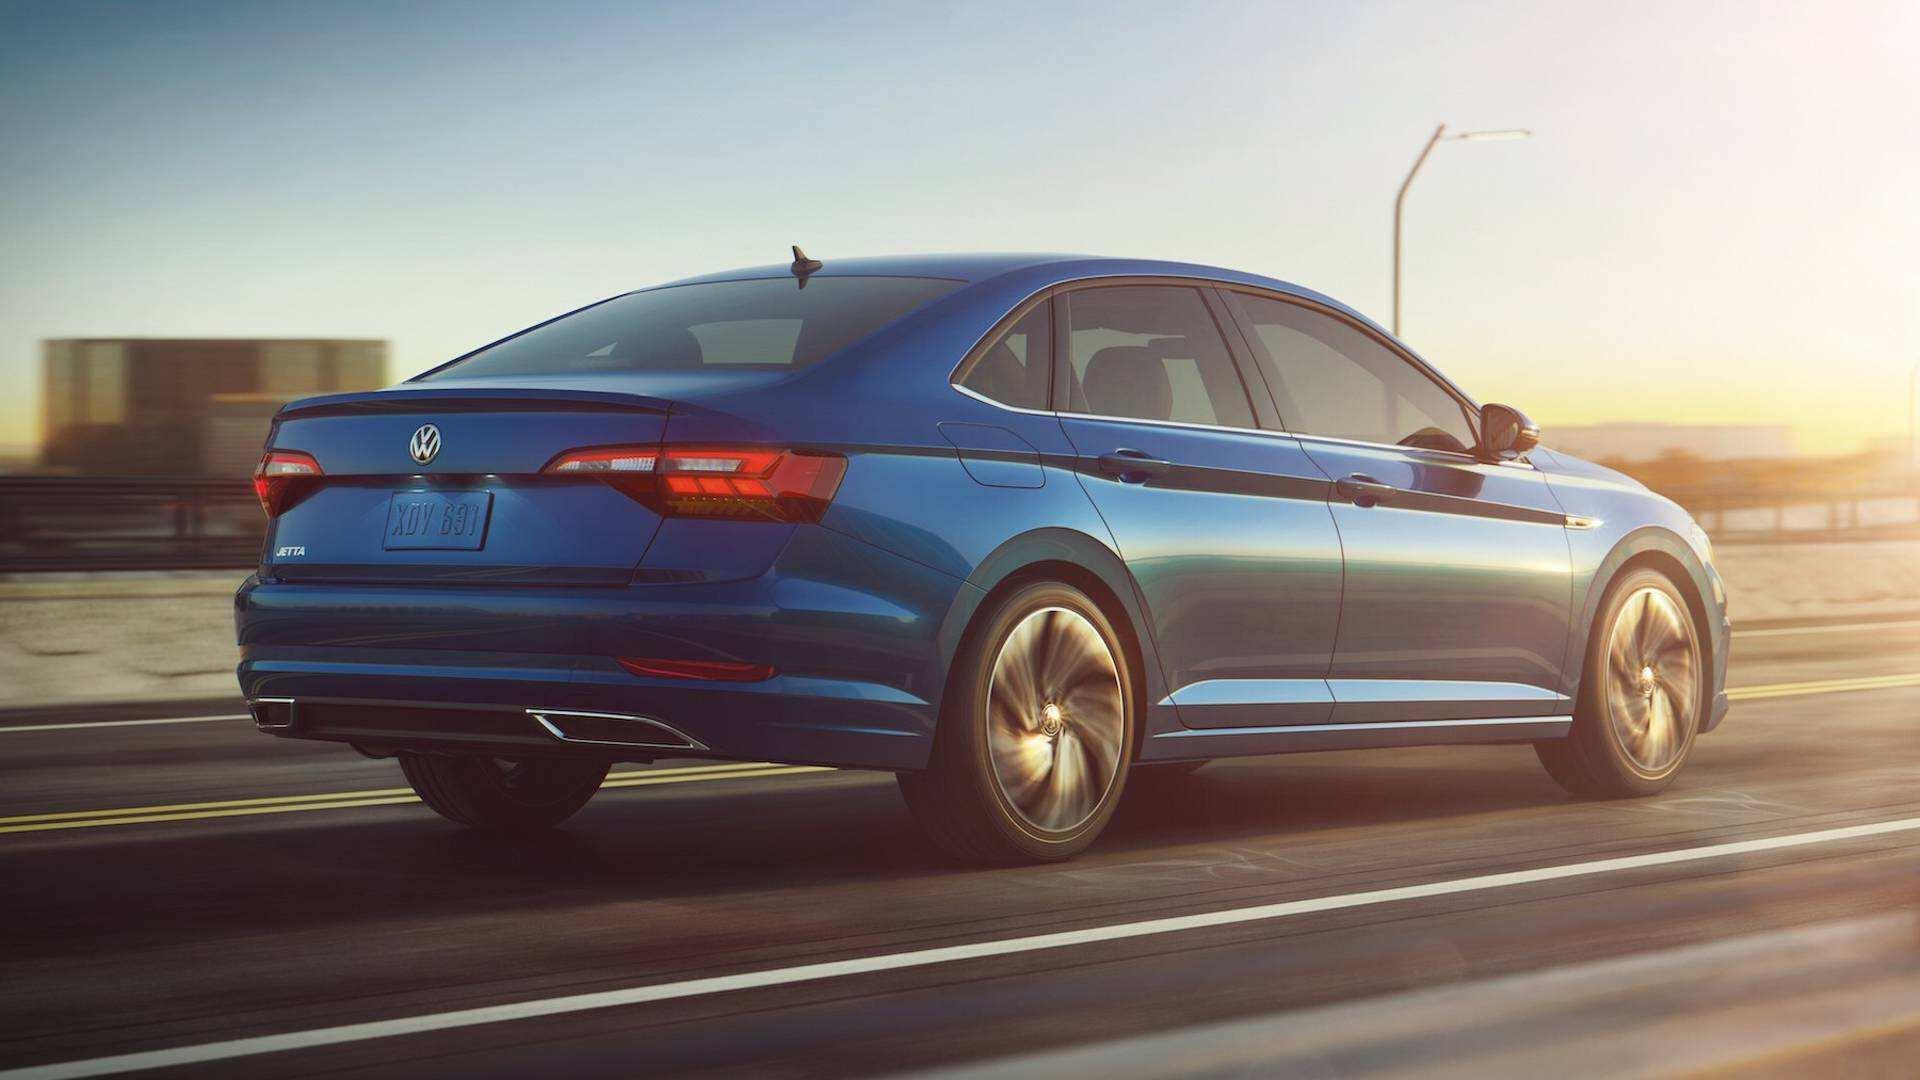 66 Great 2020 Volkswagen Jetta First Drive for 2020 Volkswagen Jetta